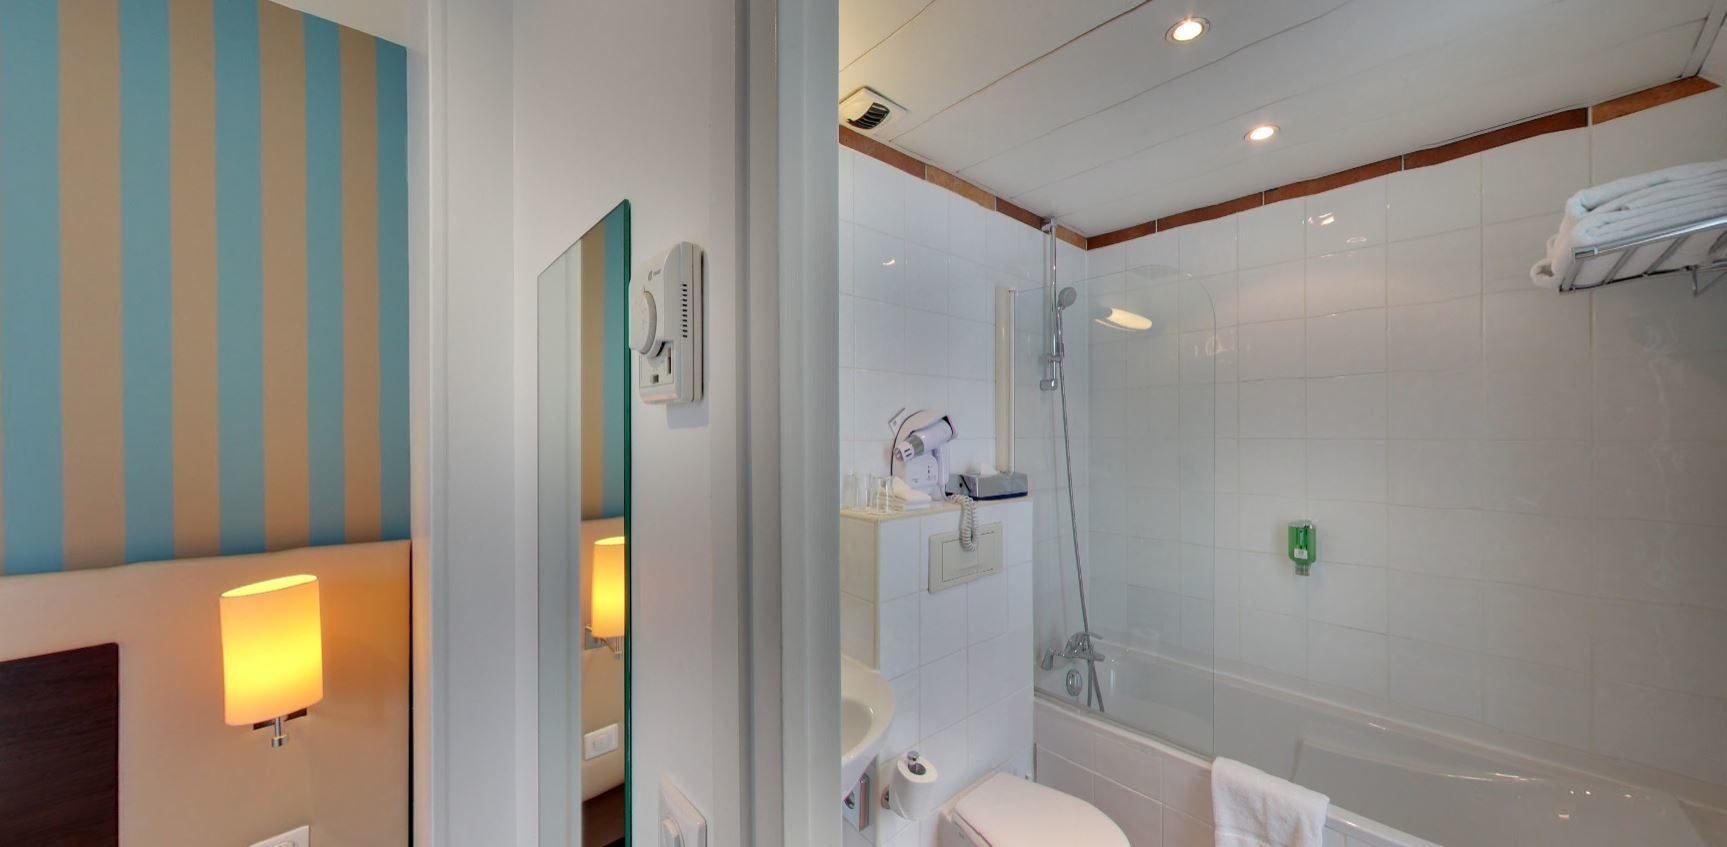 chambre twin supérieure bleue - hôtel star champs-élysées